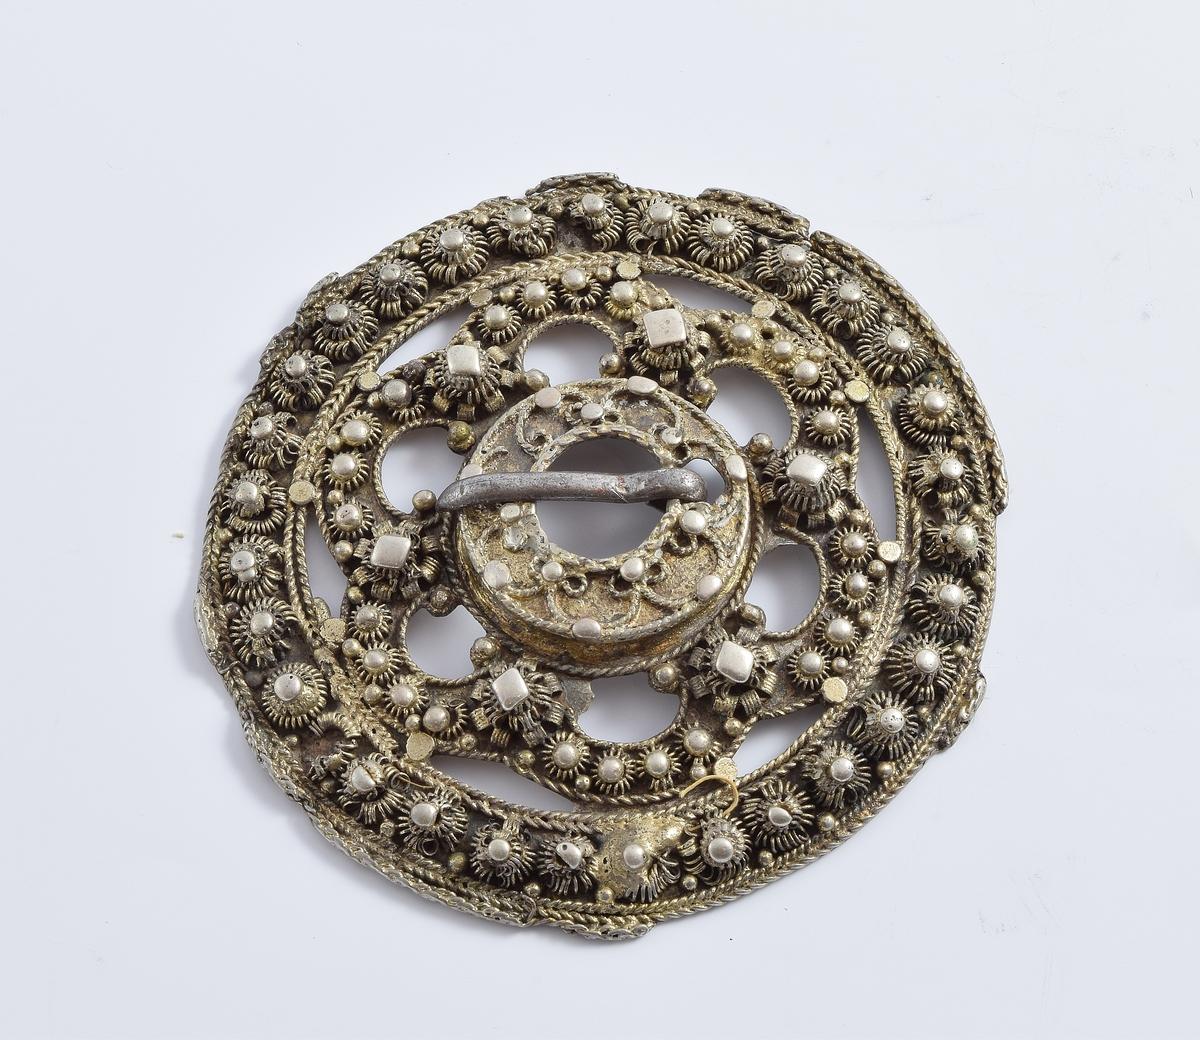 Slangesølje av forgylt sølv med kruseperler. Ringen om tornhullet er opphøyet og har 7 pålagte trådbuer.